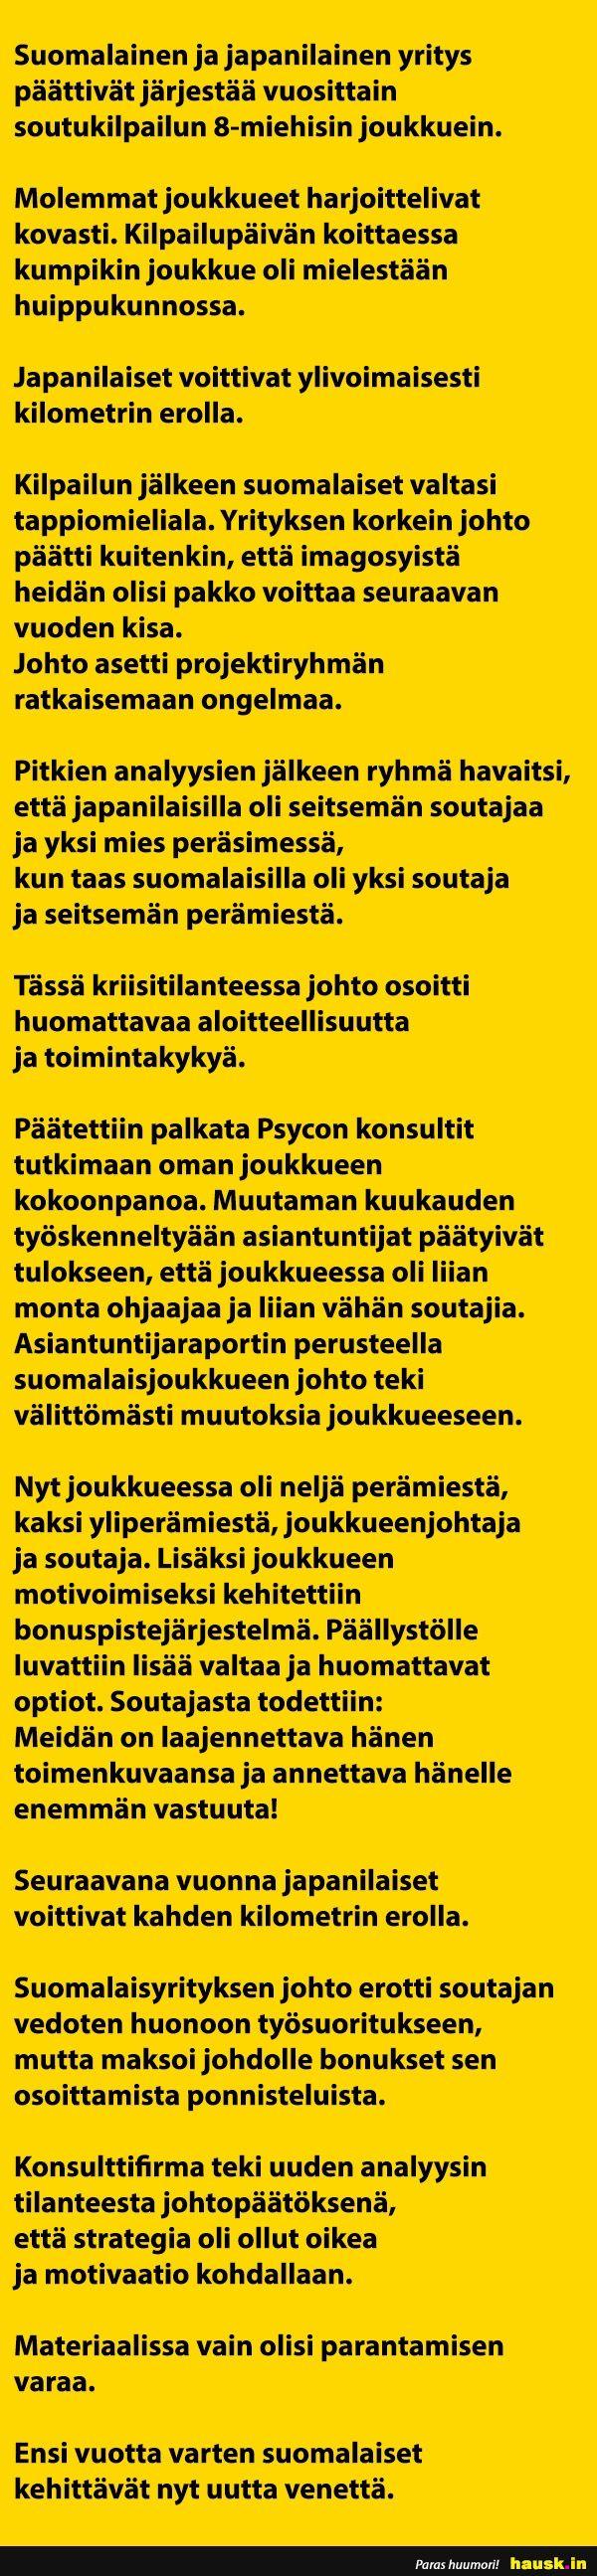 Suomalainen ja japanilainen yritys päättivät järjestää... - HAUSK.in